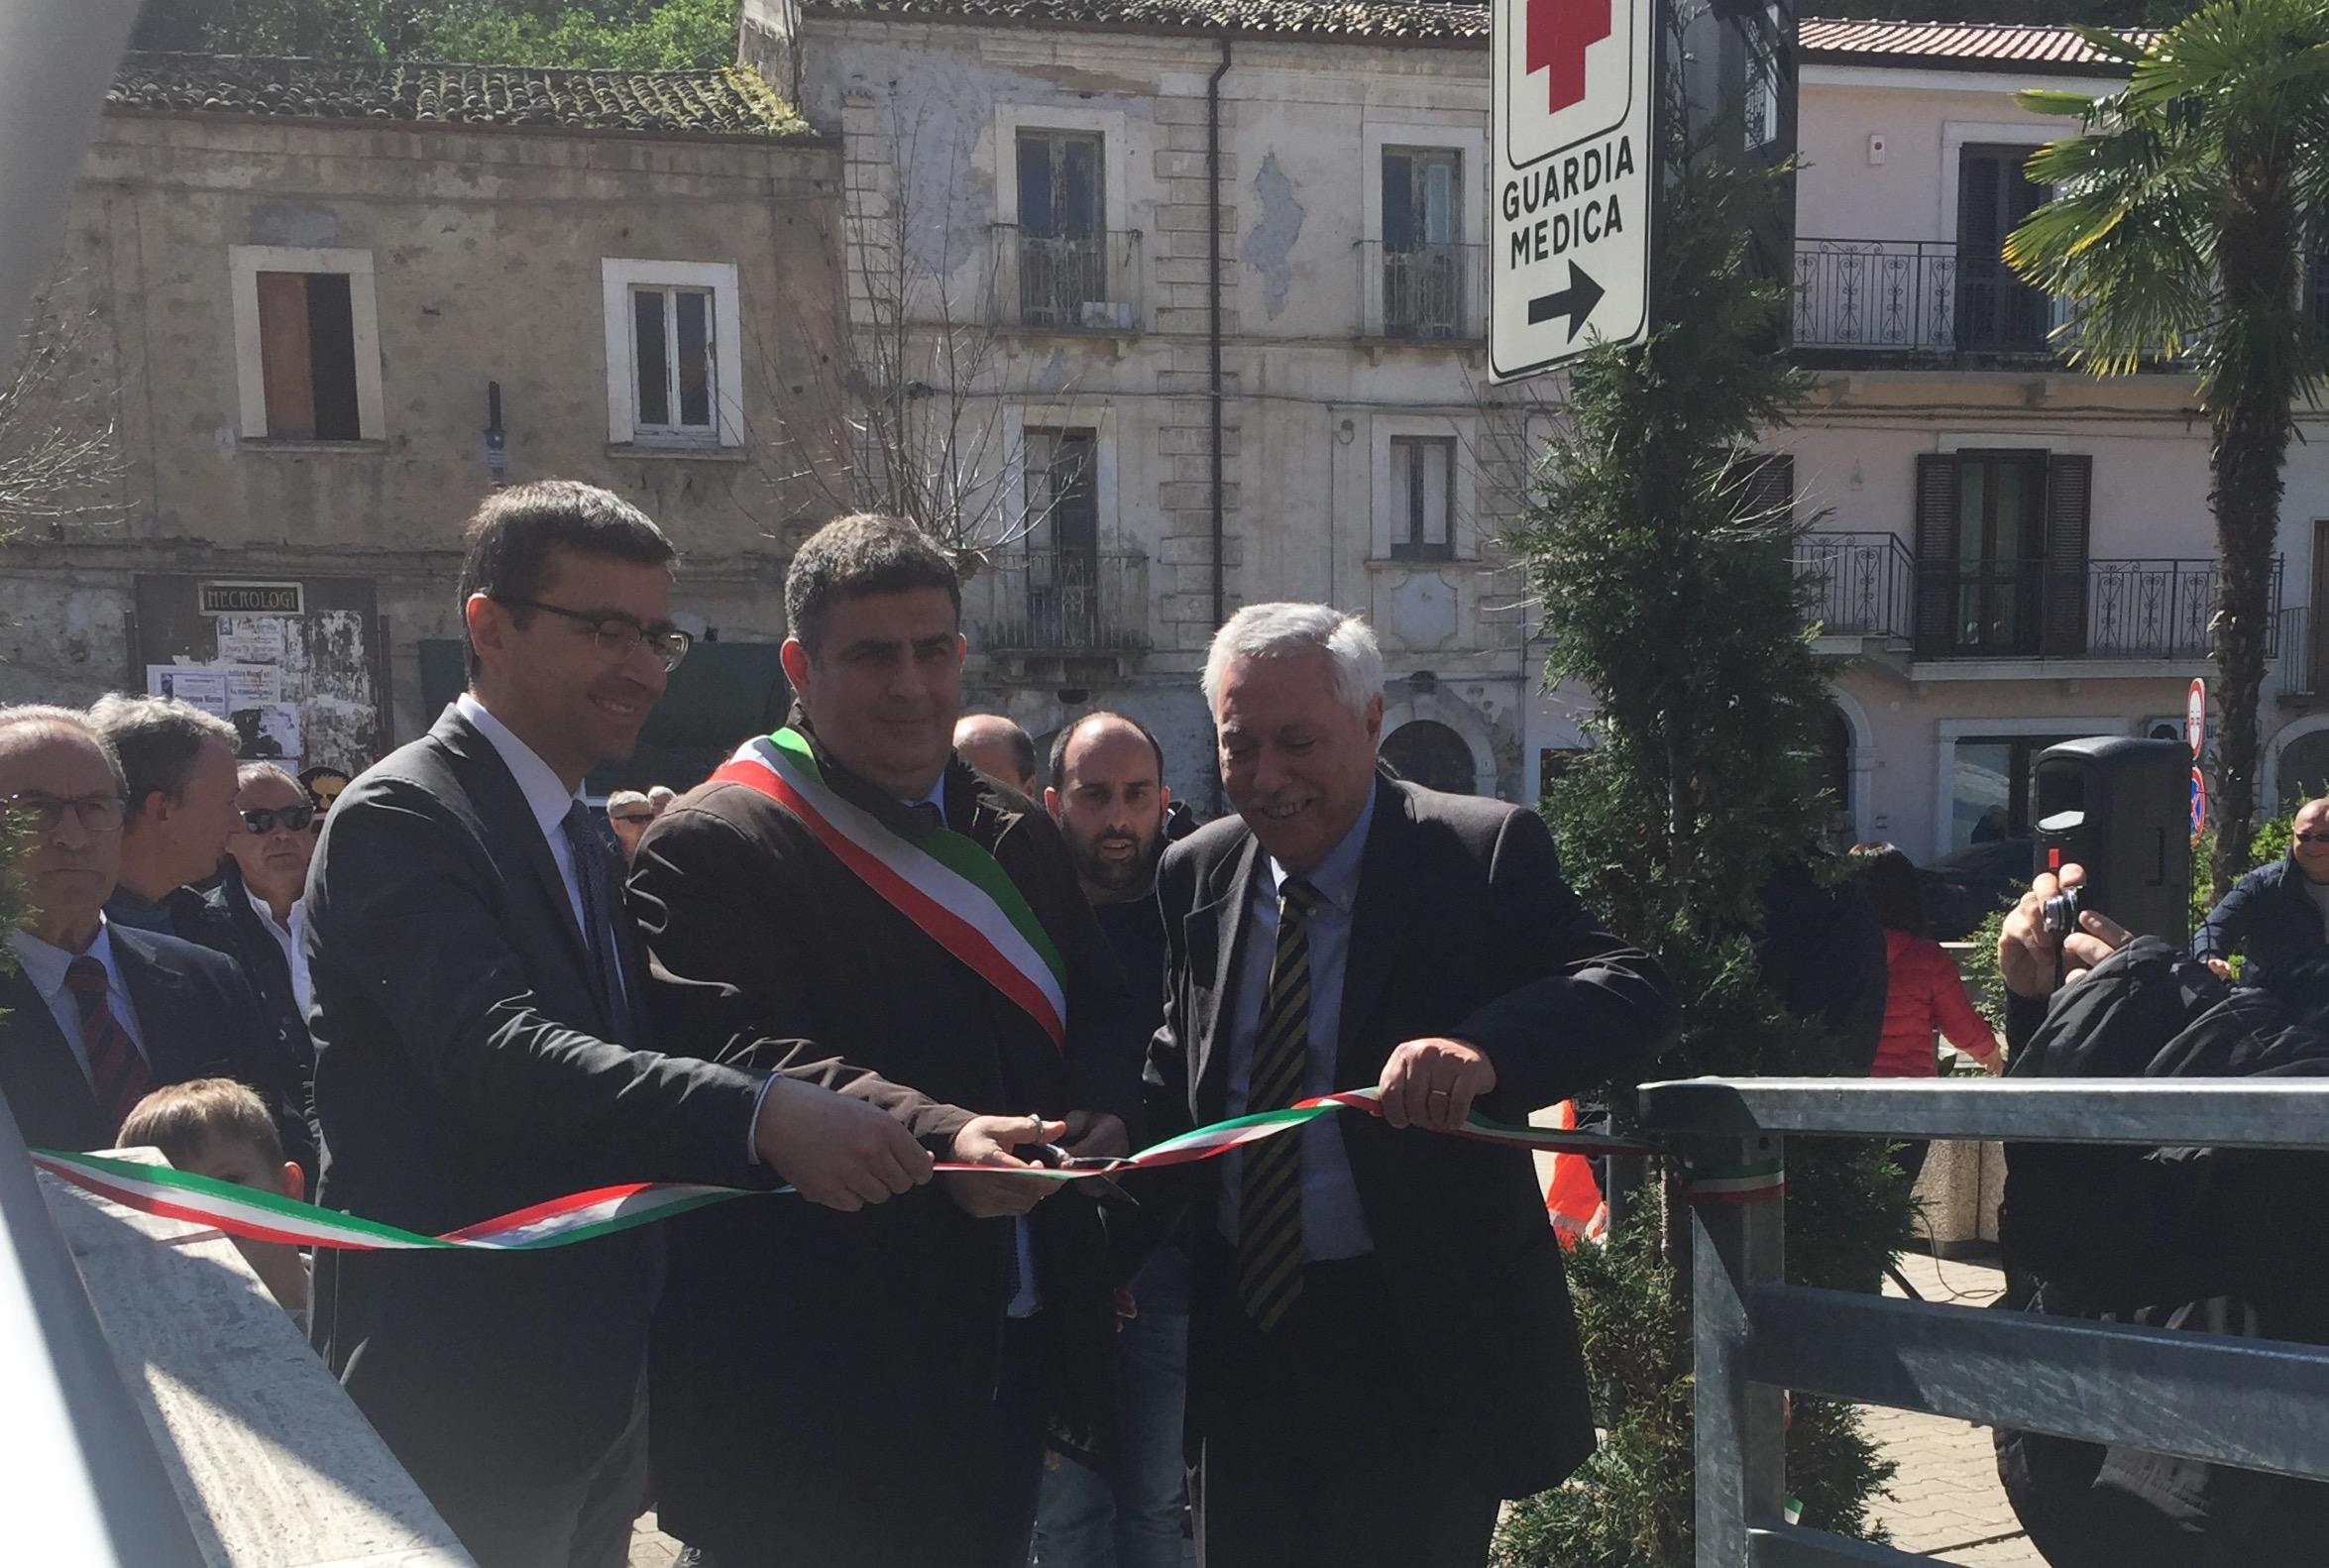 Presentati i nuovi locali del distretto sanitario a Torre de' Passeri